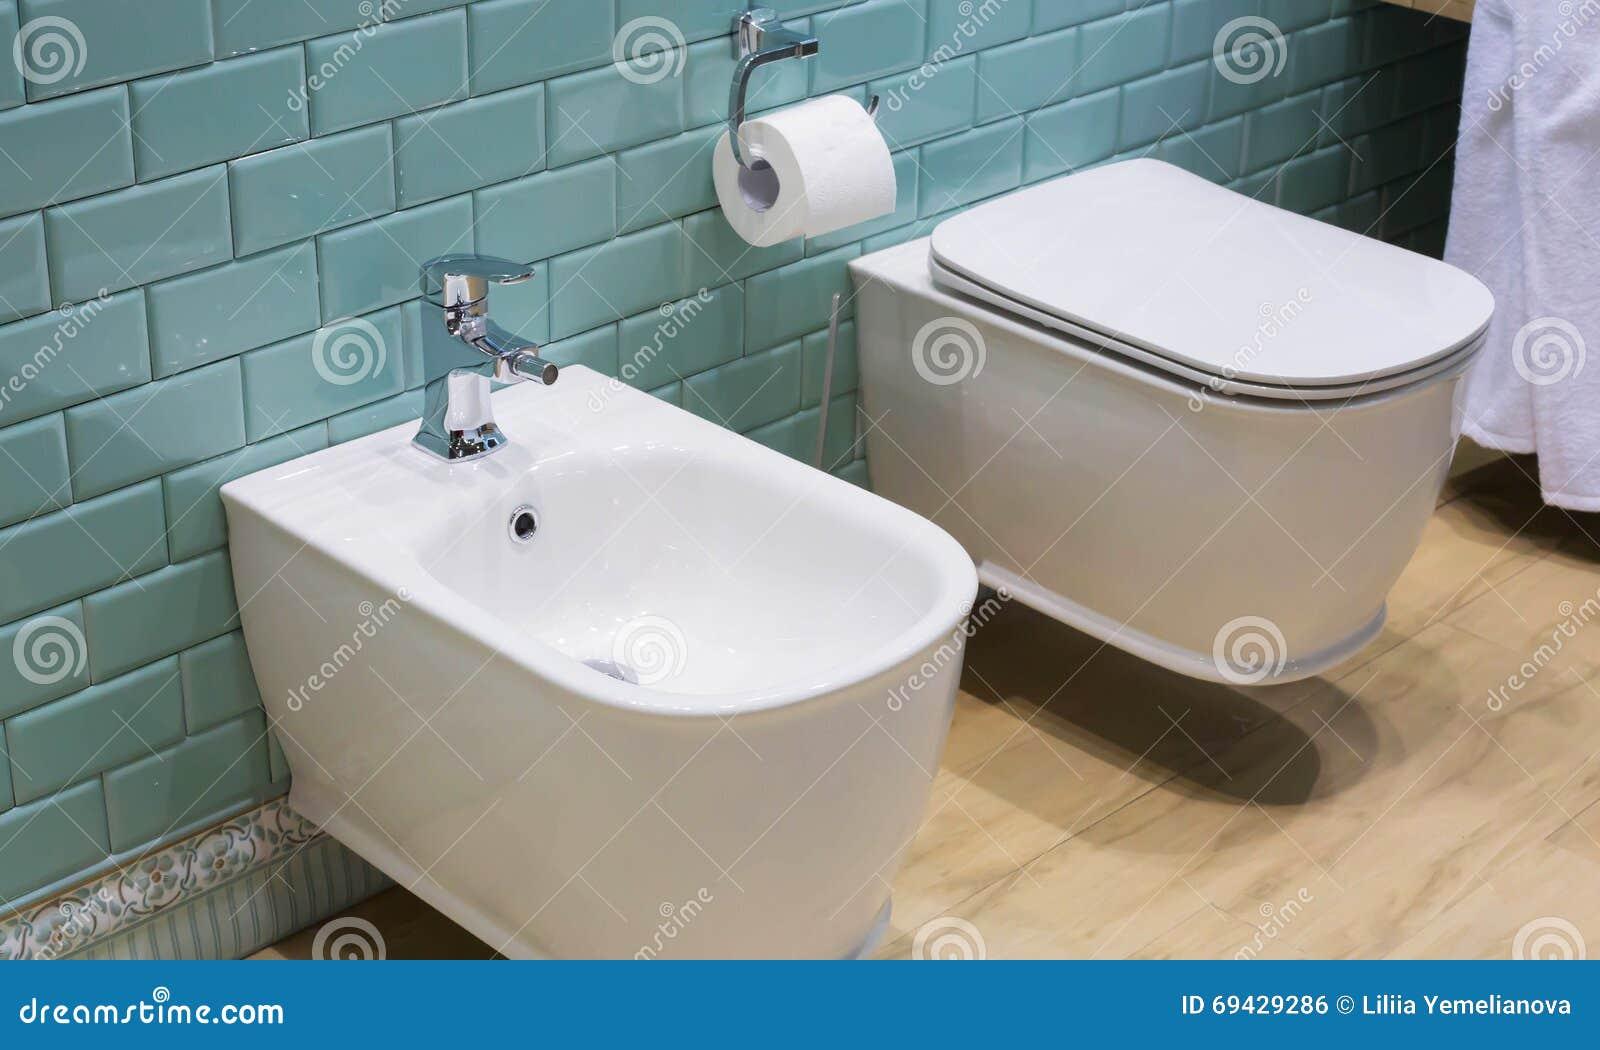 łazienki Wnętrze Toaleta I Bidet Zdjęcie Stock Obraz